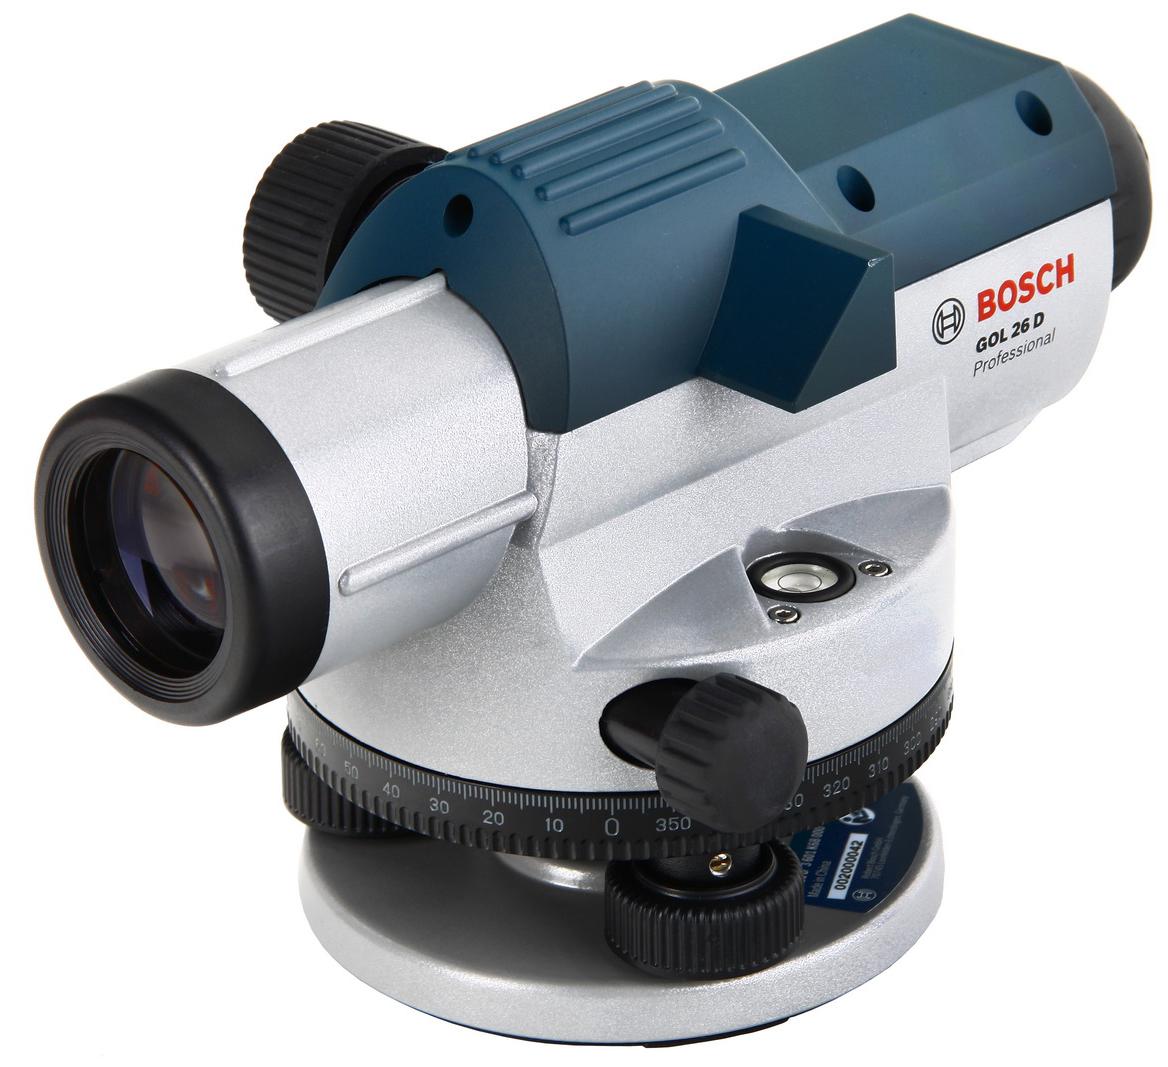 Нивелир оптический BoschНивелиры<br>Дальность: 100, Увеличение: 26, Диаметр объектива: 36, Погрешность нивелирования: 0.05, Резьба под штатив: 5/8  , Температура: от -10° до +50°, BOSCH Professional: есть, Вес нетто: 1.7, Поставляется в: кейсе<br>